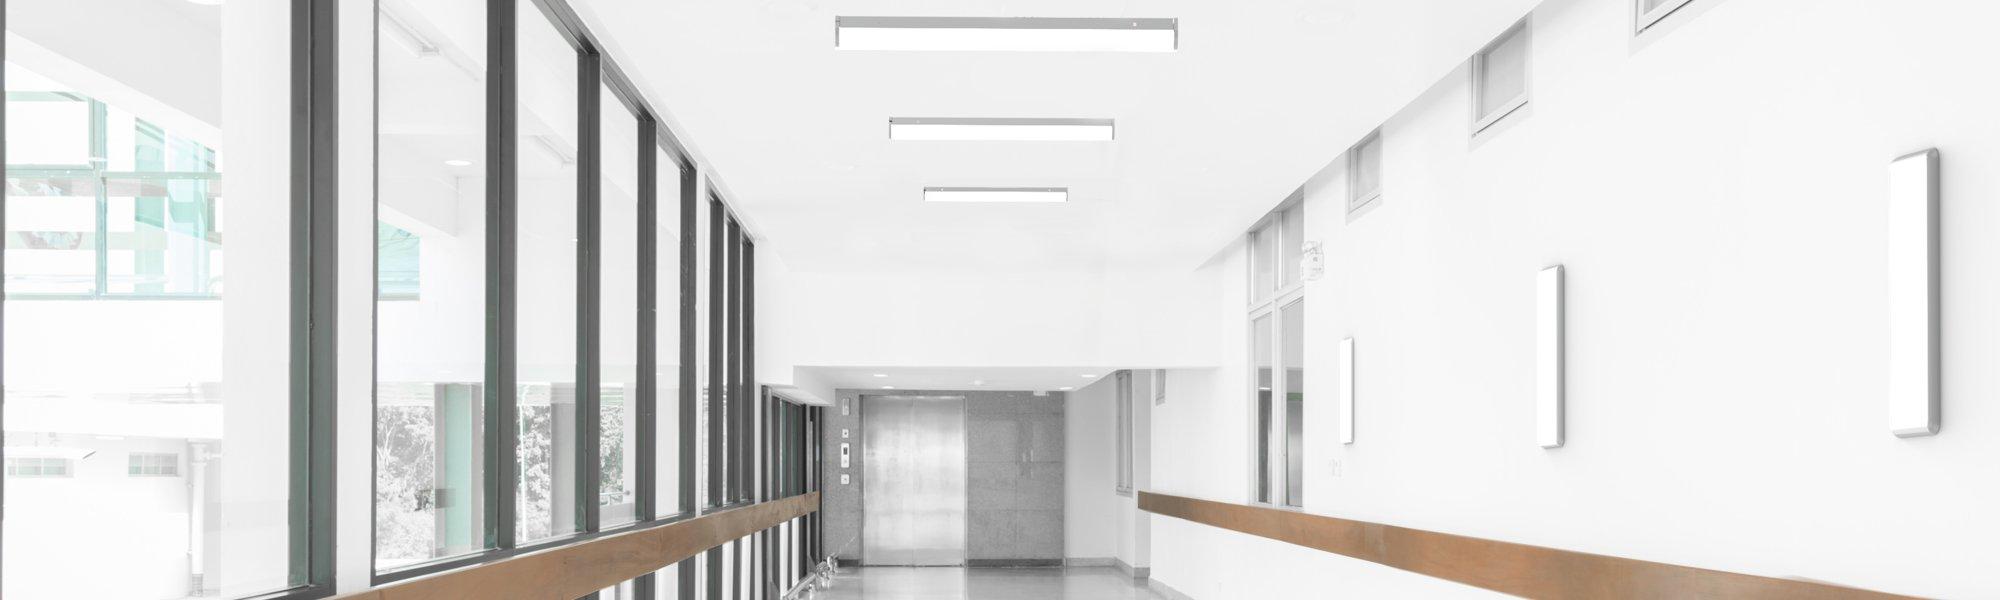 Vigor Tamper Proof LED Lighting